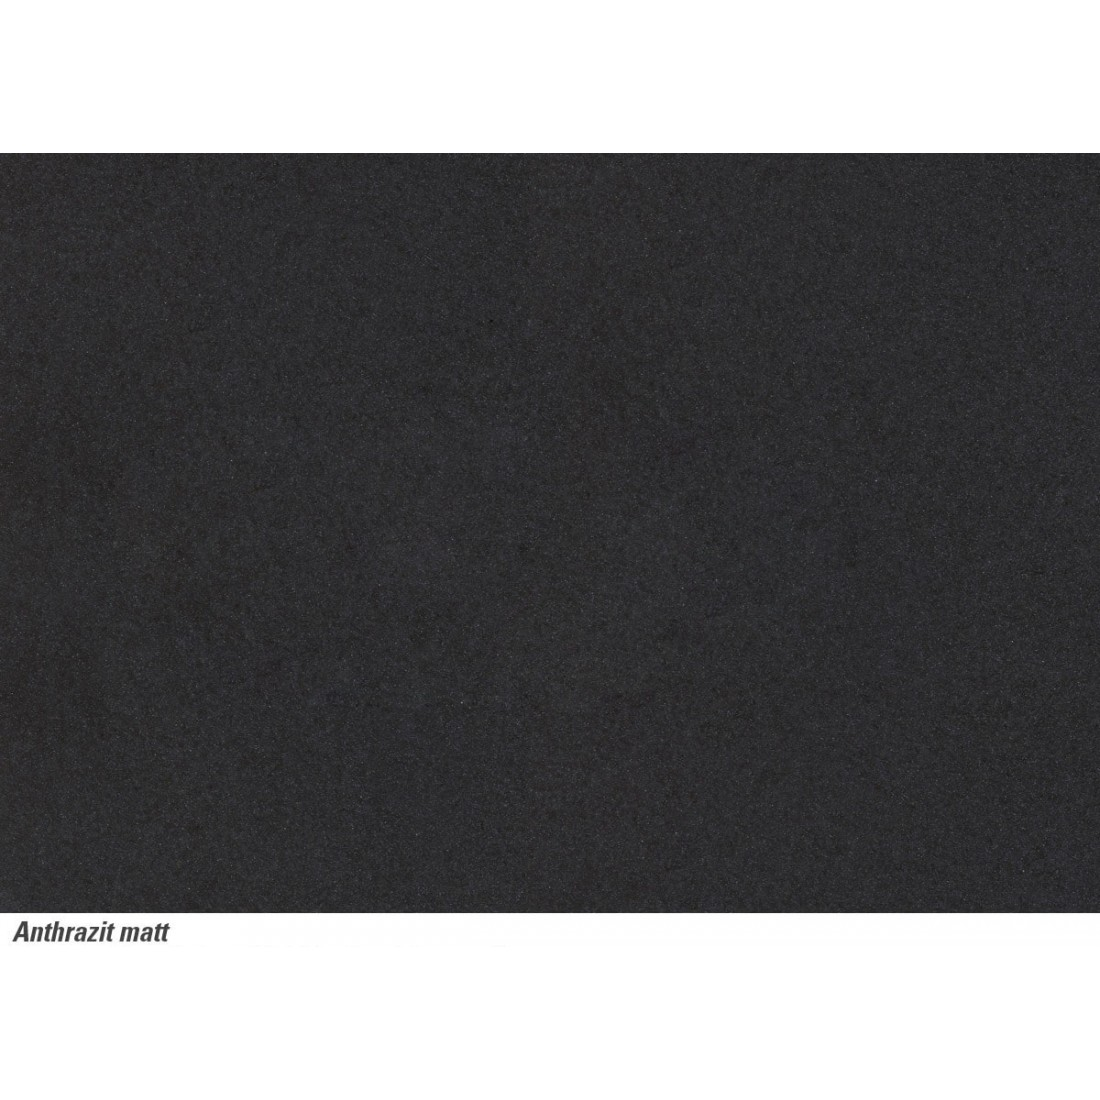 Keraminė plautuvė Franke Mythos, MTK 611-78, Anthrazit Matt, dubuo kairėje, 2 išgręžtos skylės